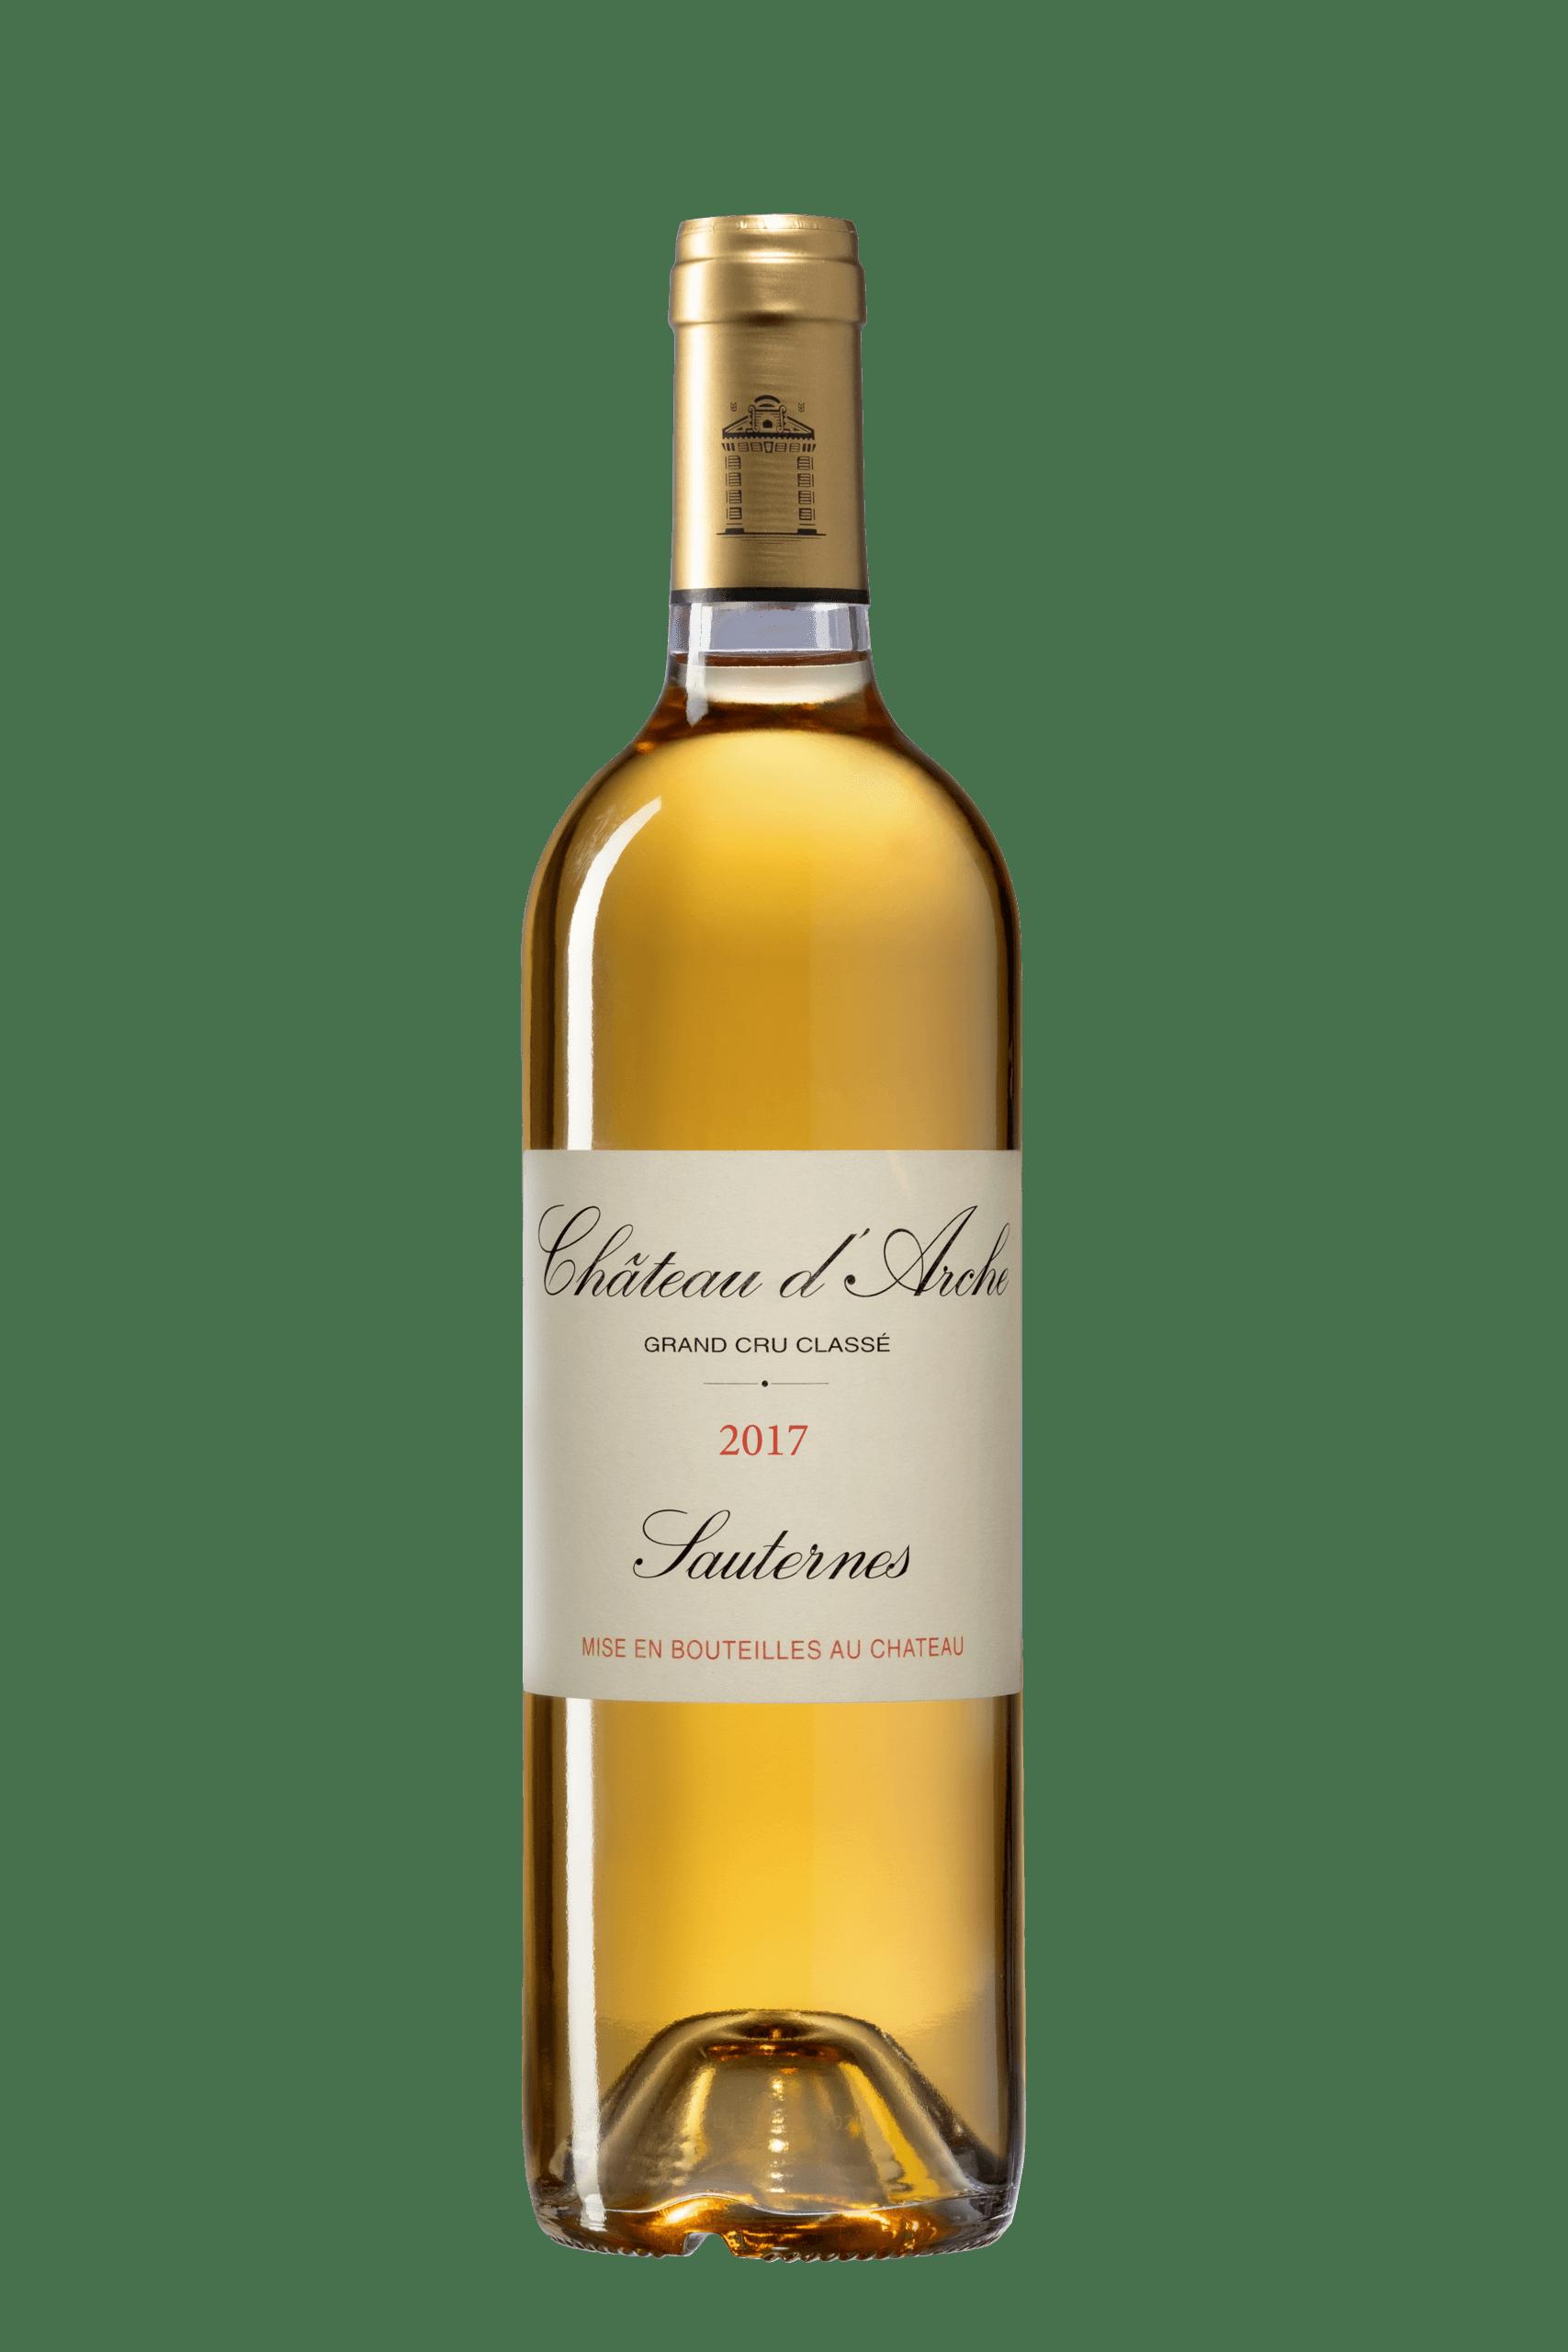 Château d'Arche 2017 bouteille, grand cru classé, Sauternes